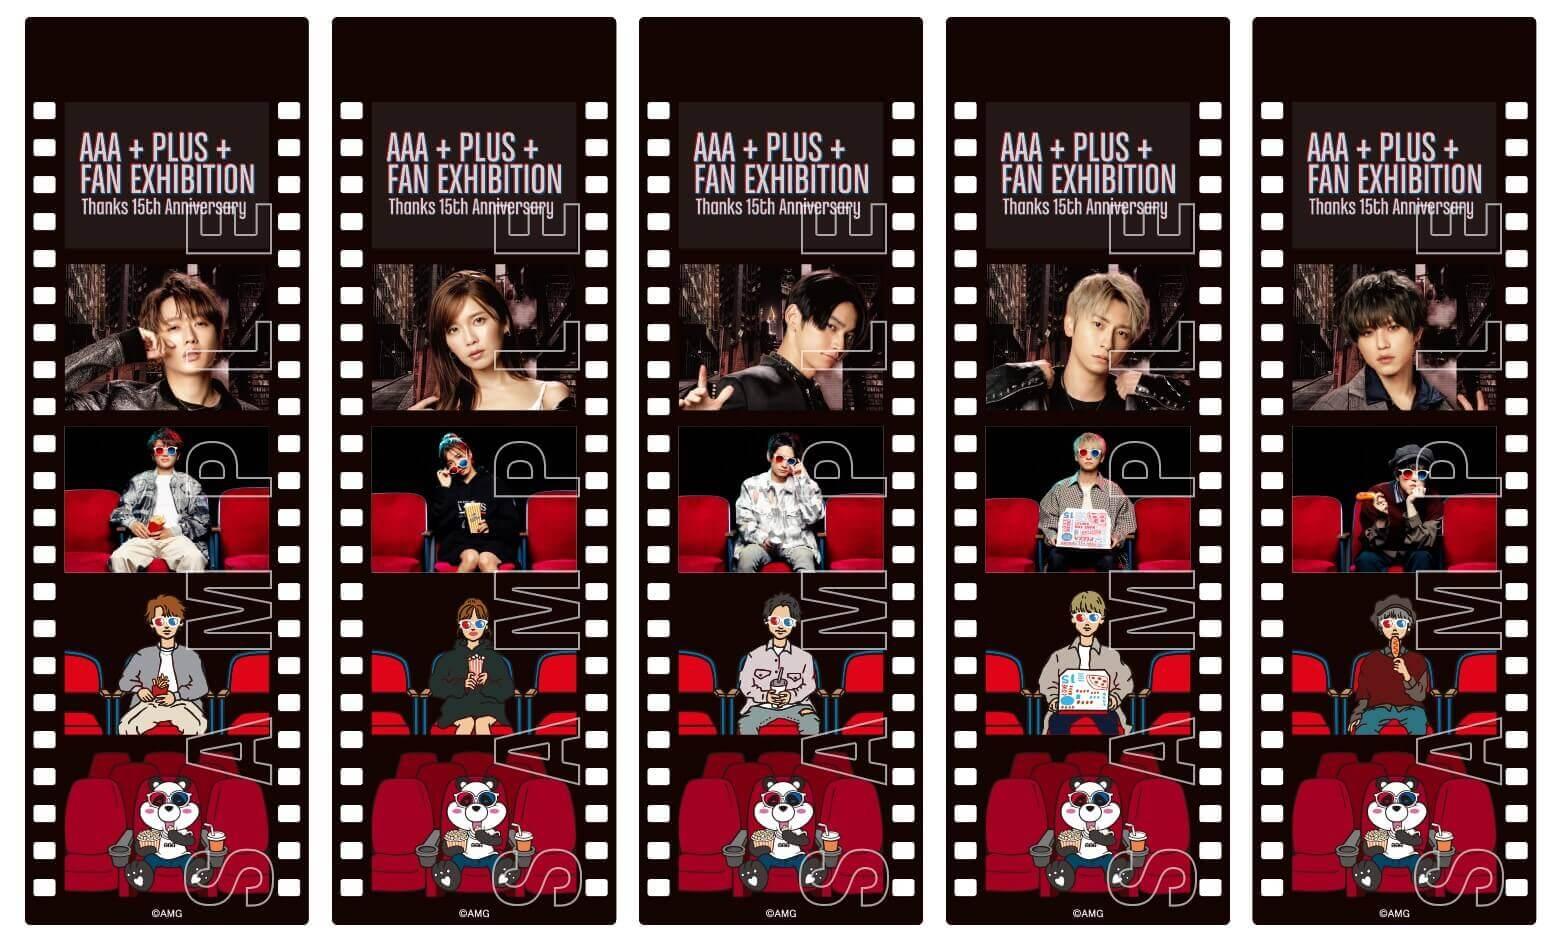 札幌パルコ『AAA +PLUS+ FAN EXHIBITION -Thanks 15th Anniversary-』-入場特典